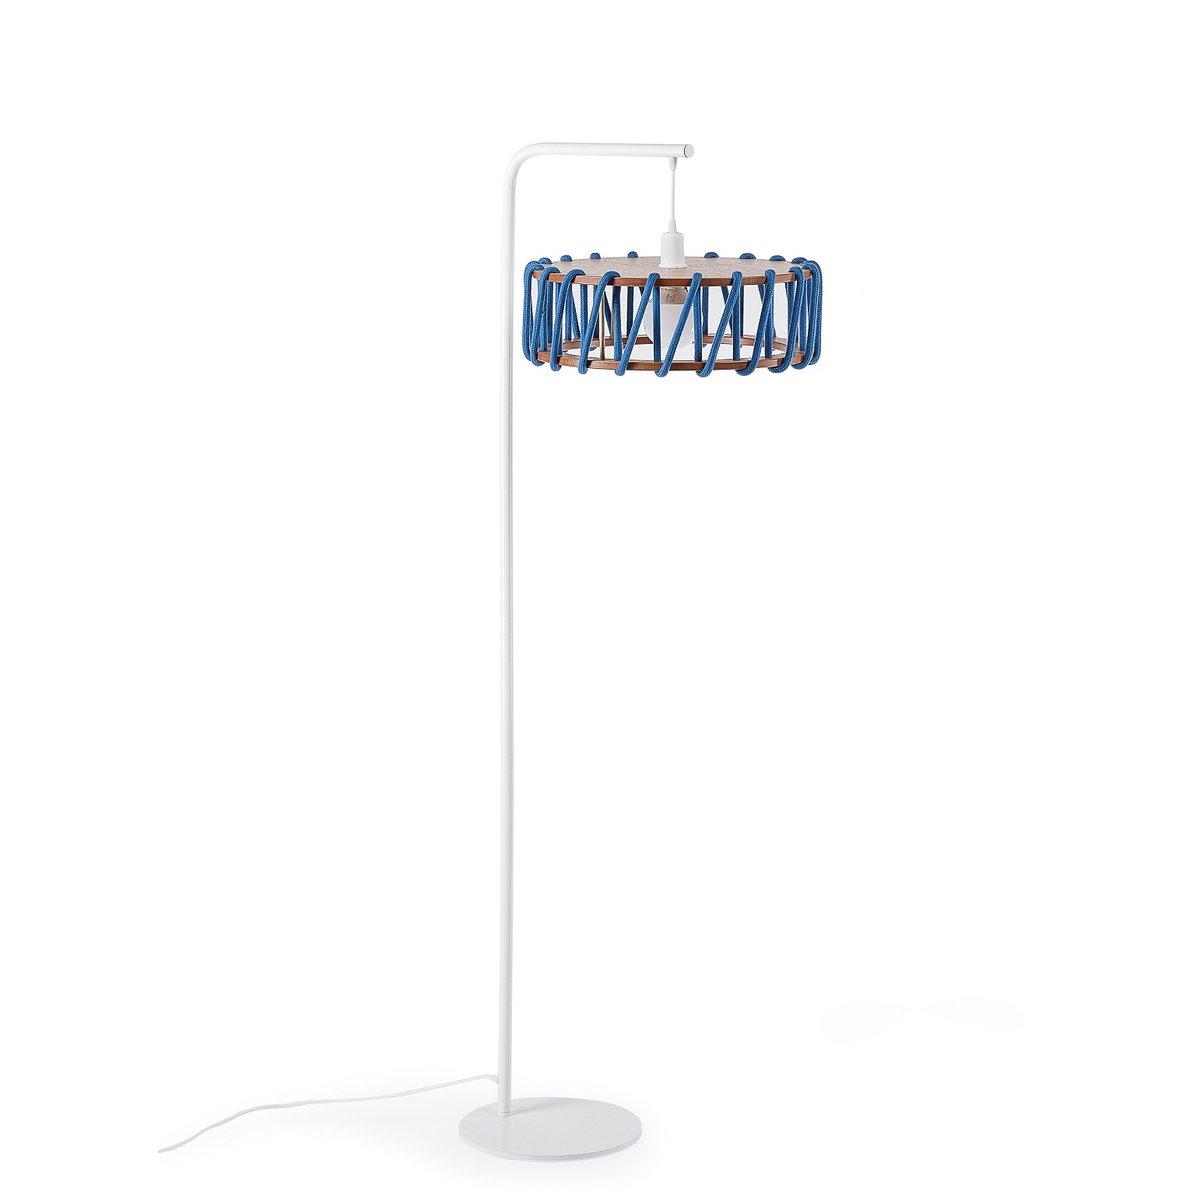 wei e macaron stehlampe mit gro em blauen schirm von silvia ce al f r emko bei pamono kaufen. Black Bedroom Furniture Sets. Home Design Ideas